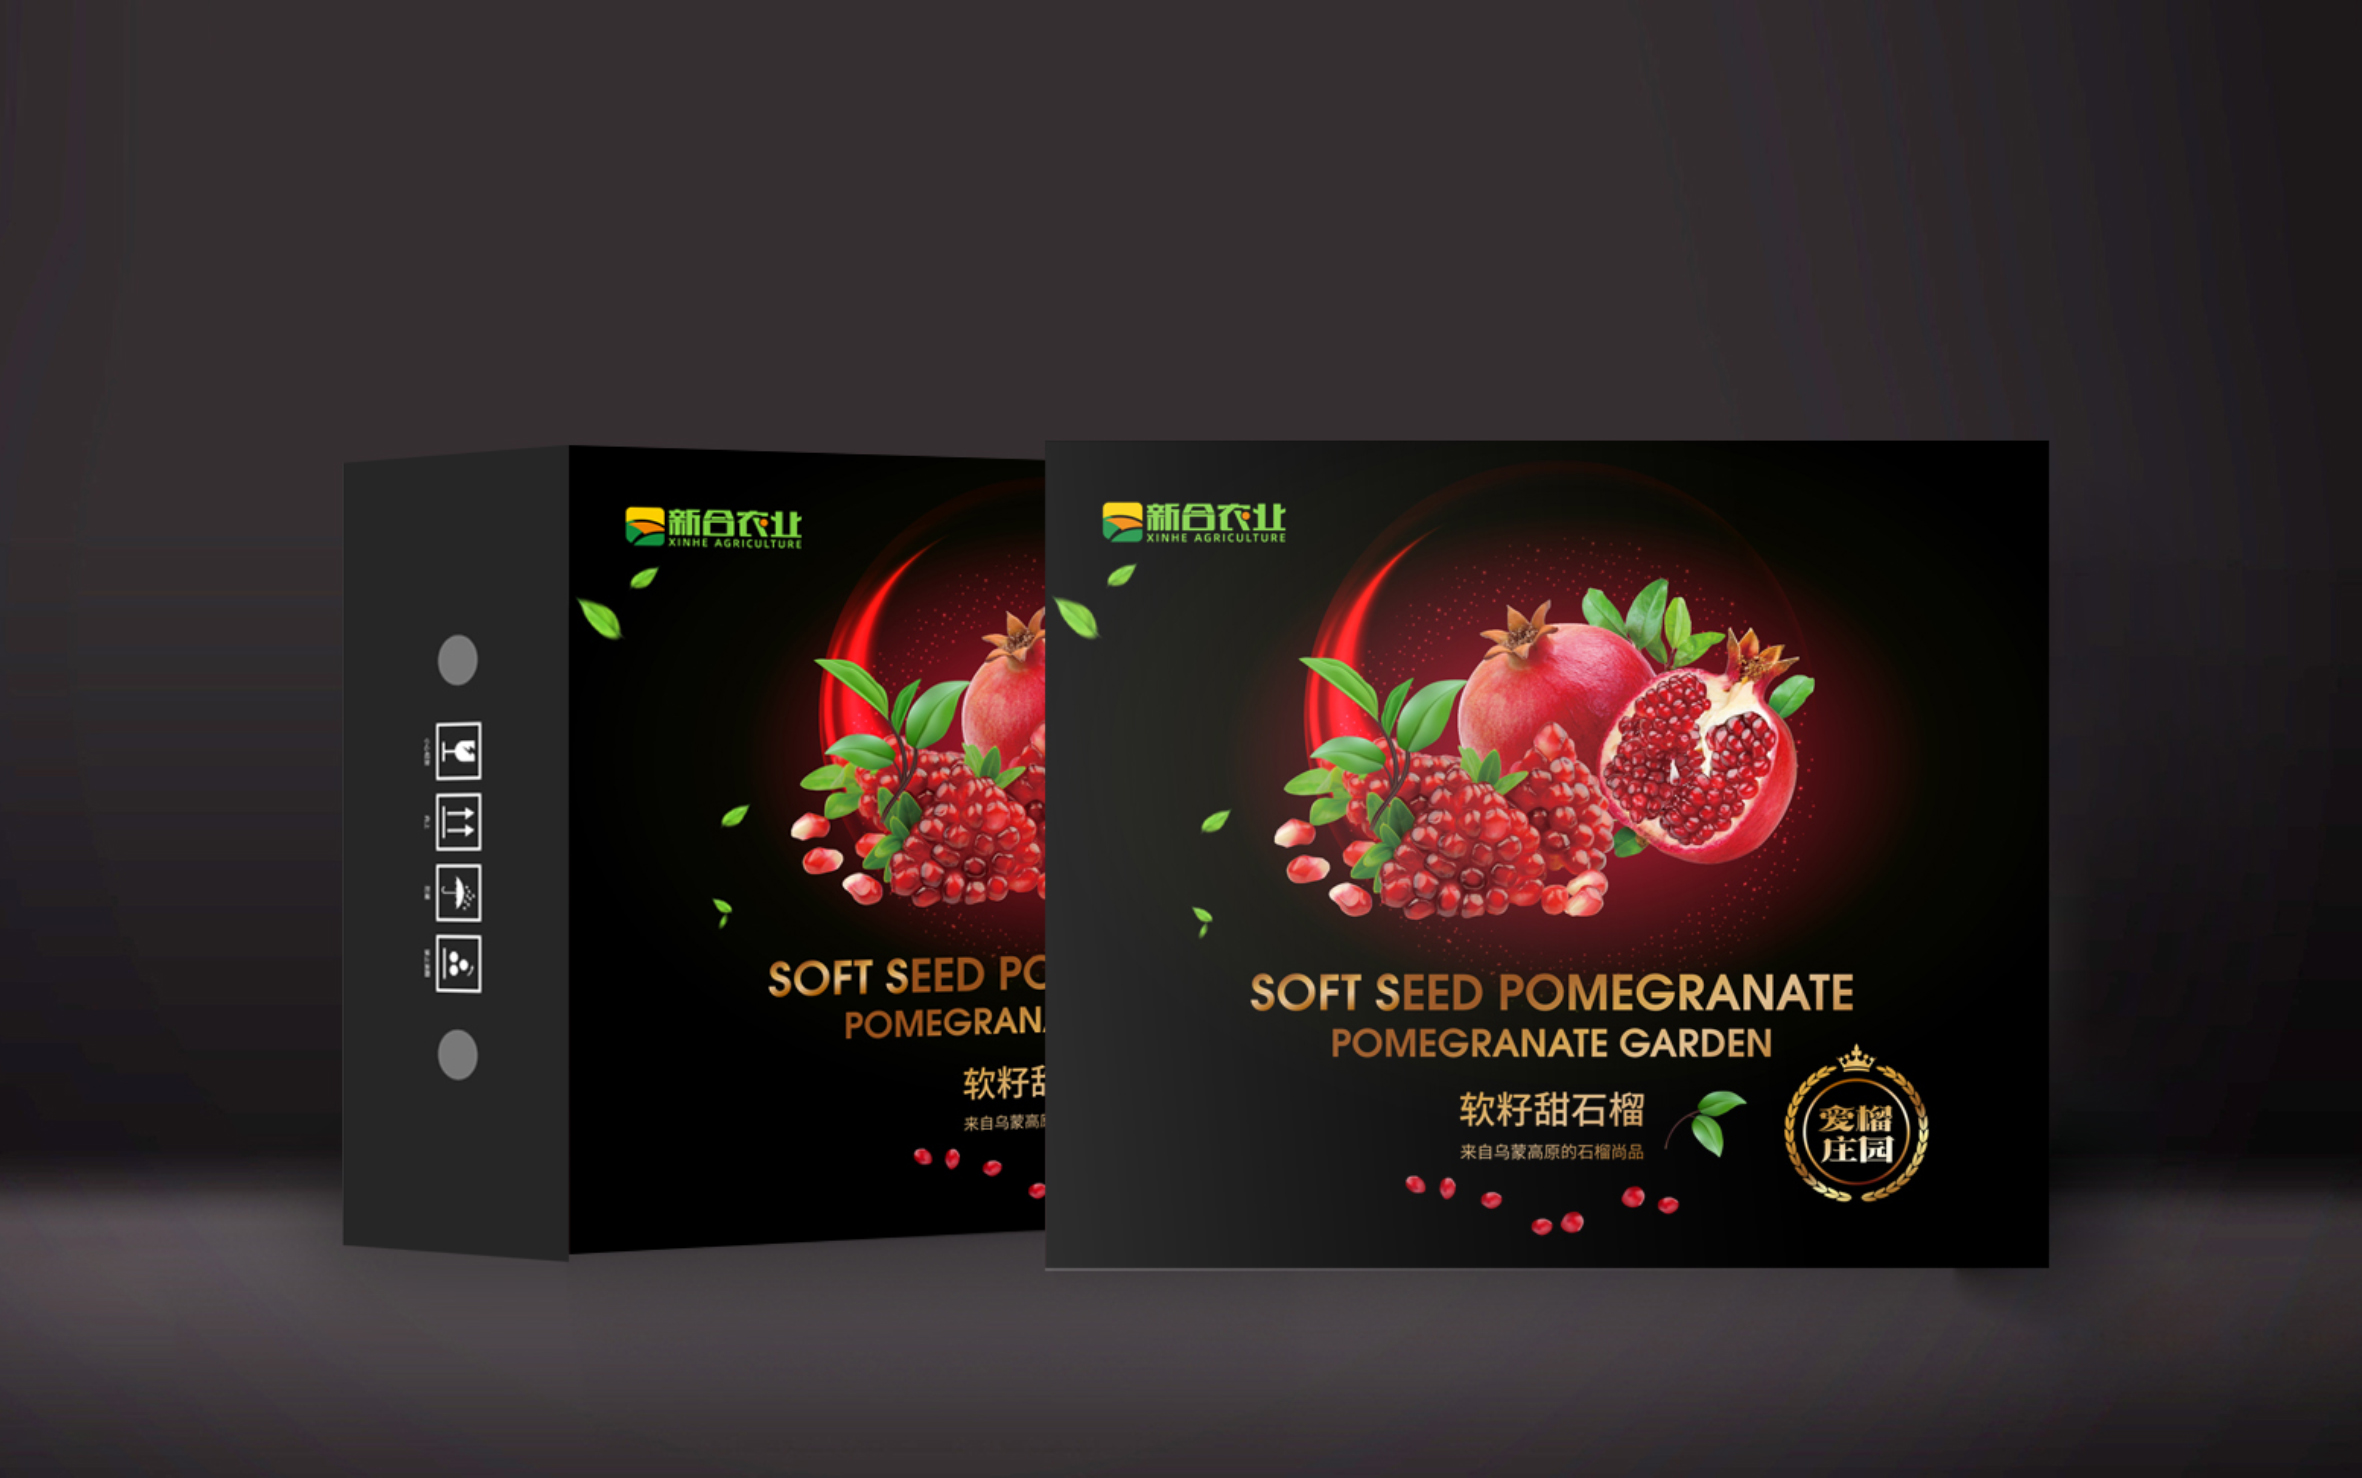 品牌产品商务牛皮纸袋帆布袋无纺布袋卡通中国科技田园包装设计